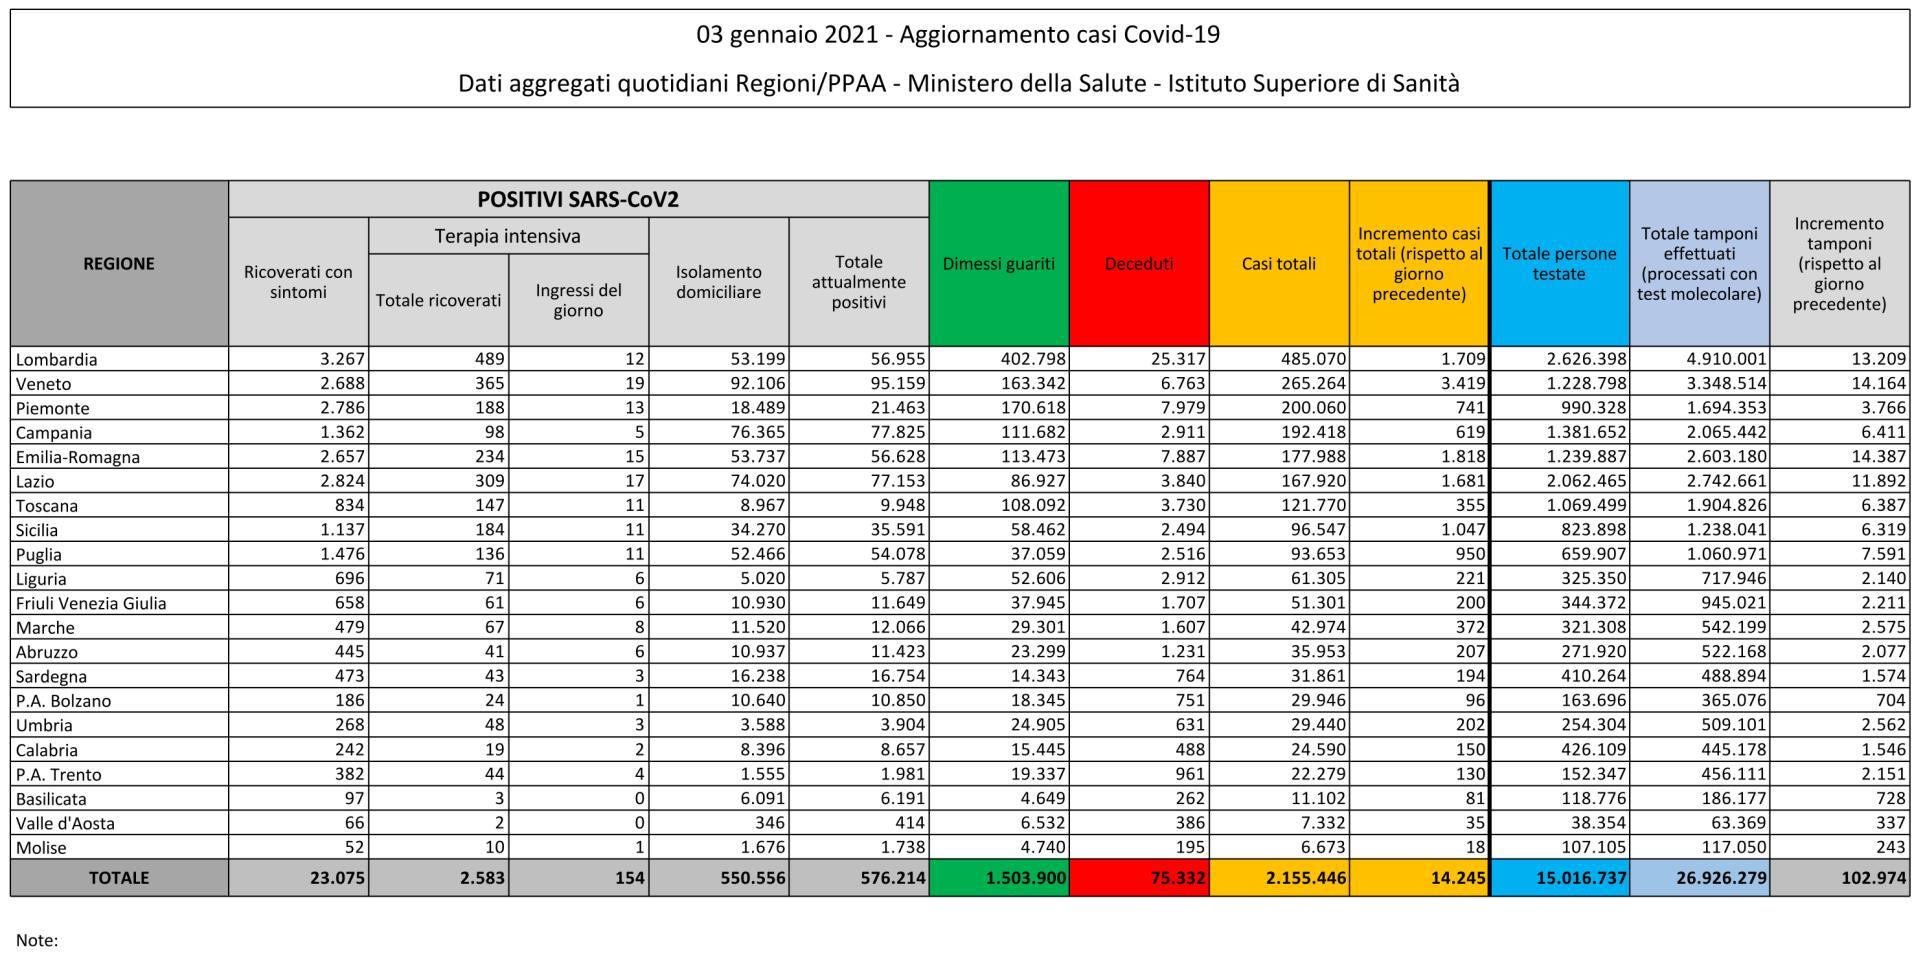 3 gennaio 2021 - Aggiornamento casi Covid-19 Dati aggregati quotidiani Regioni/PPAA - Ministero della Salute - Istituto Superiore di Sanità